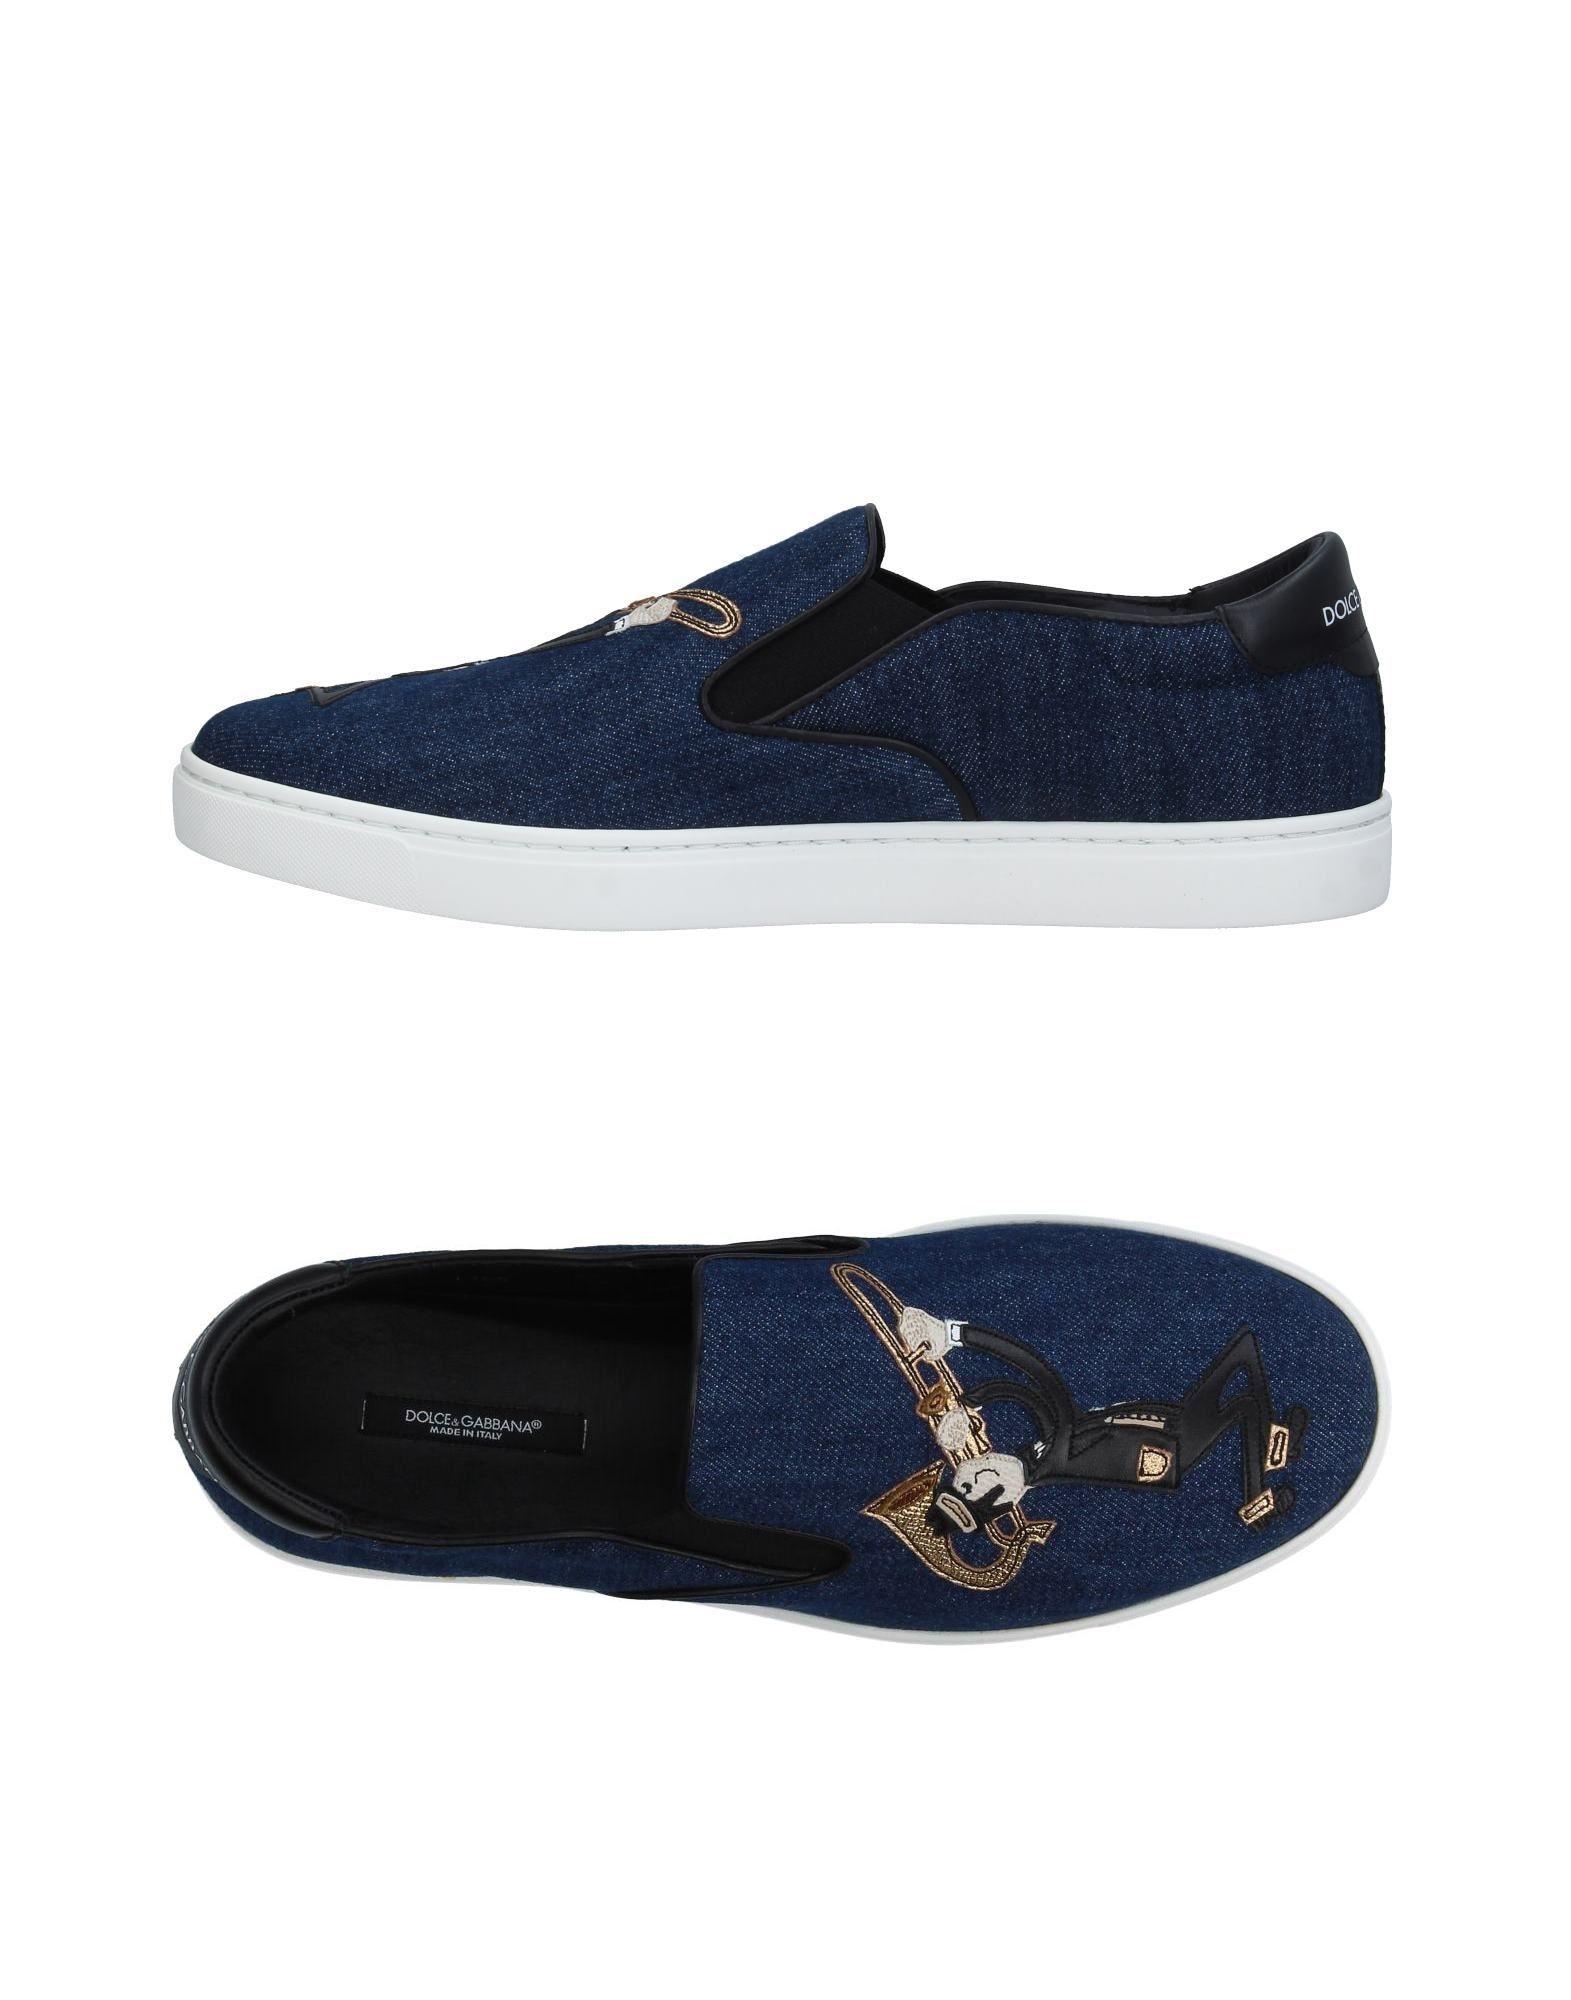 Dolce & Gabbana Sneakers Herren  11327466GK Neue Schuhe